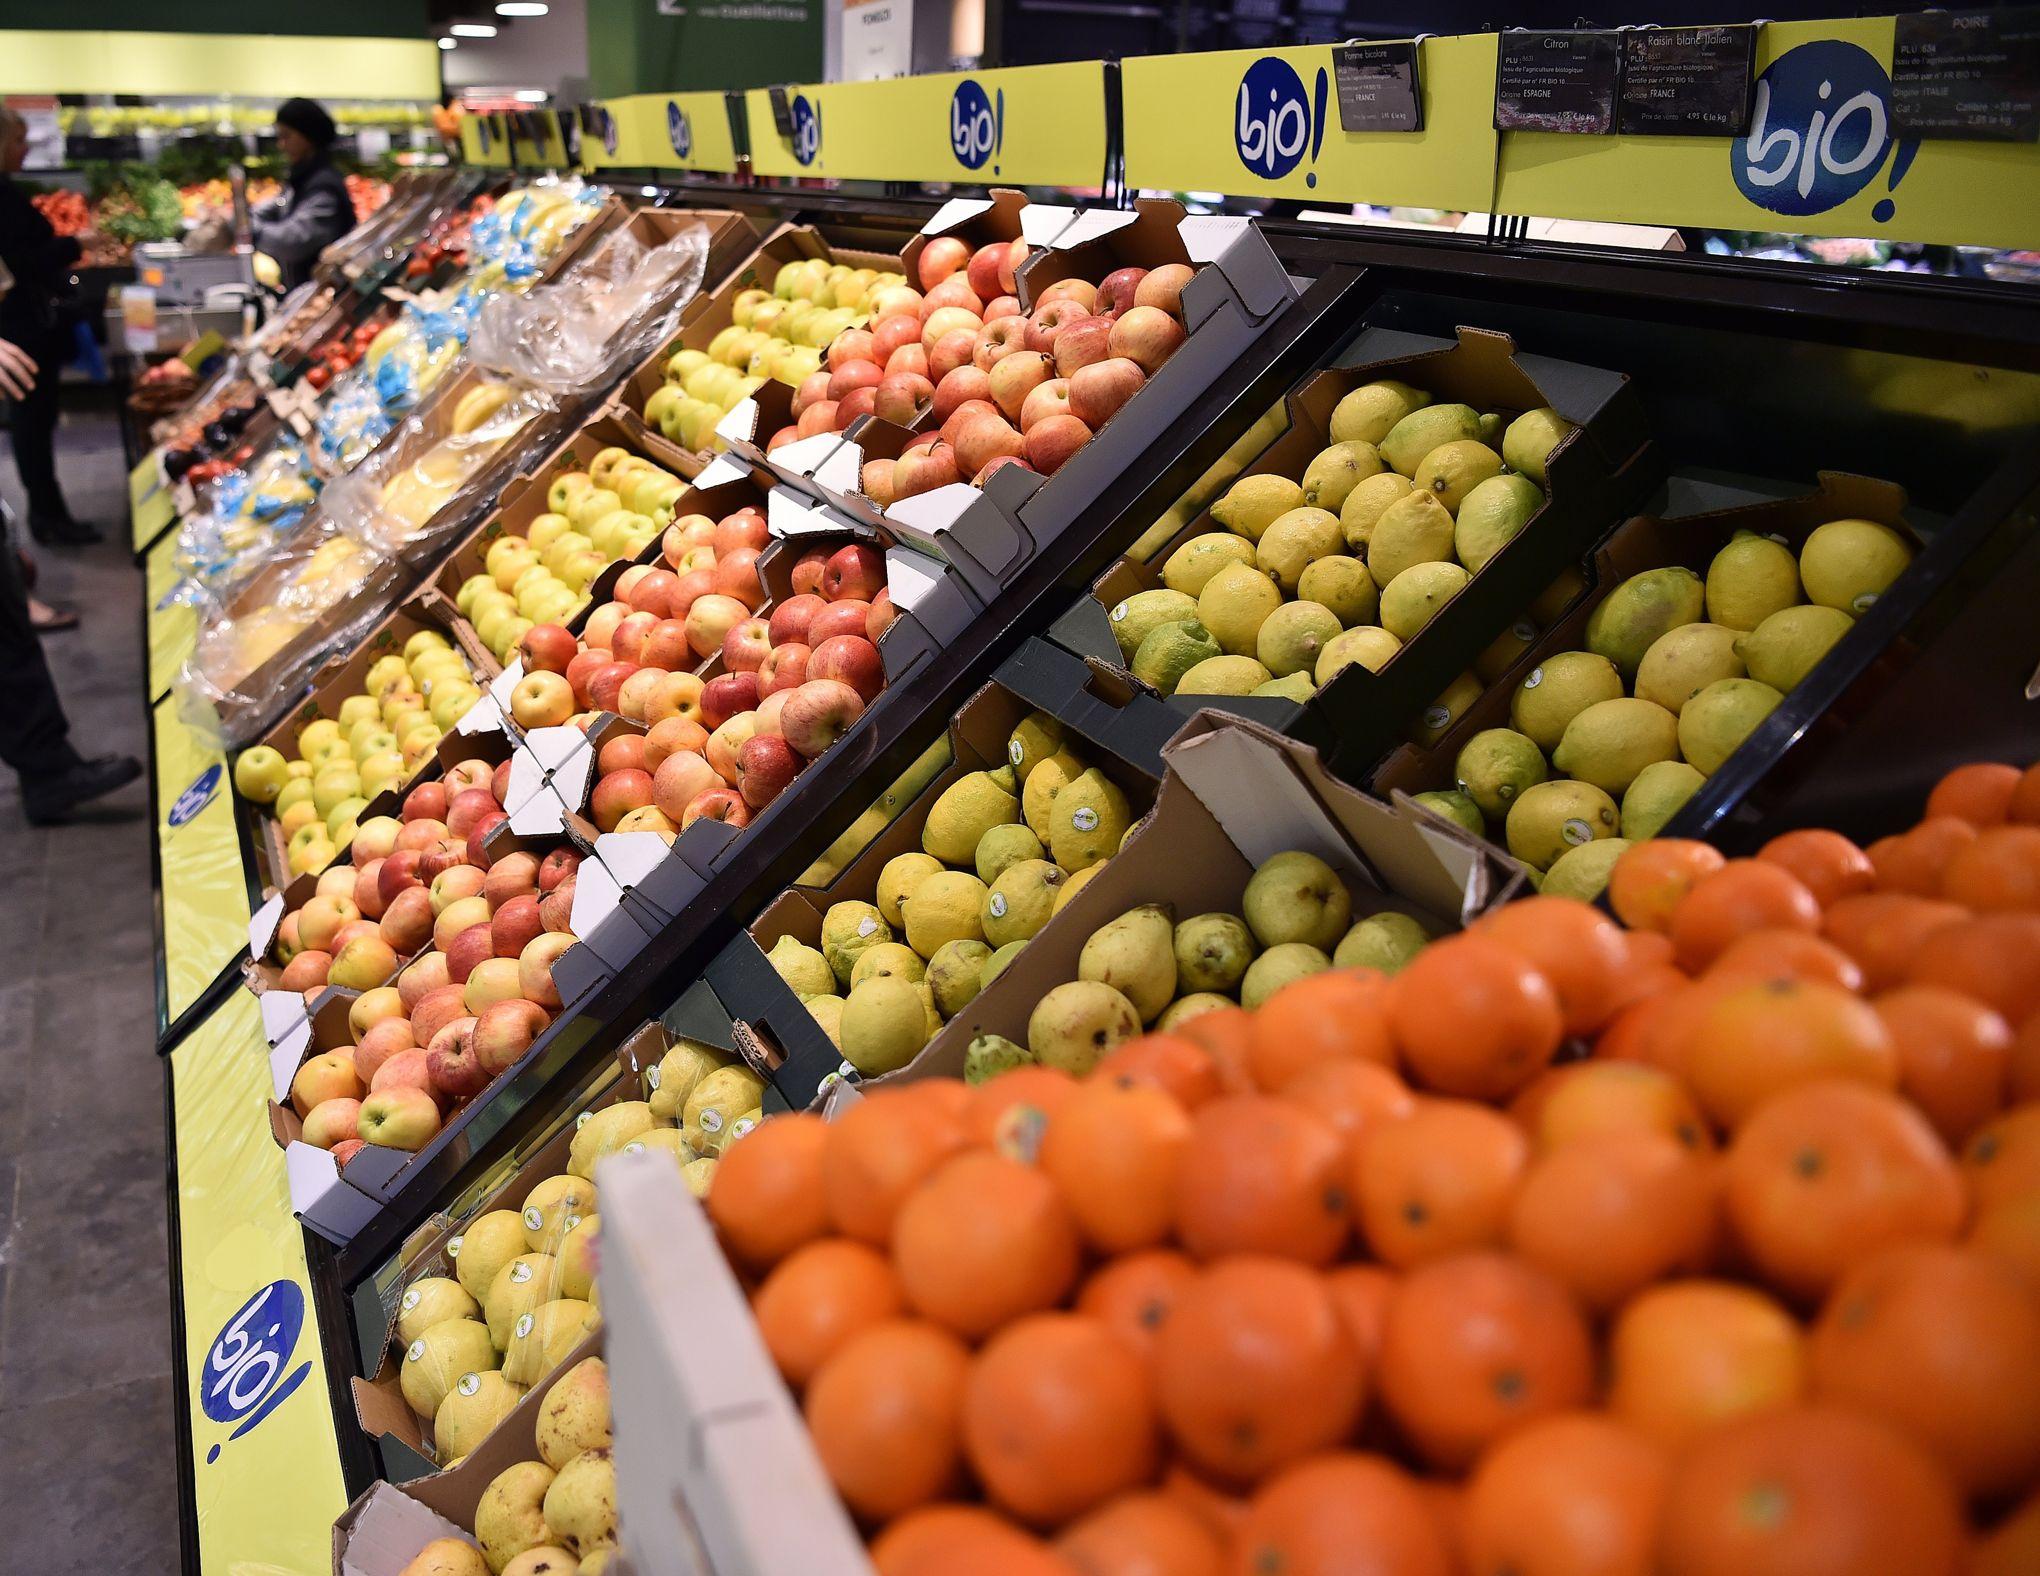 fb84c50dfe0 Les prix du bio gonflés par les «marges exorbitantes» des distributeurs